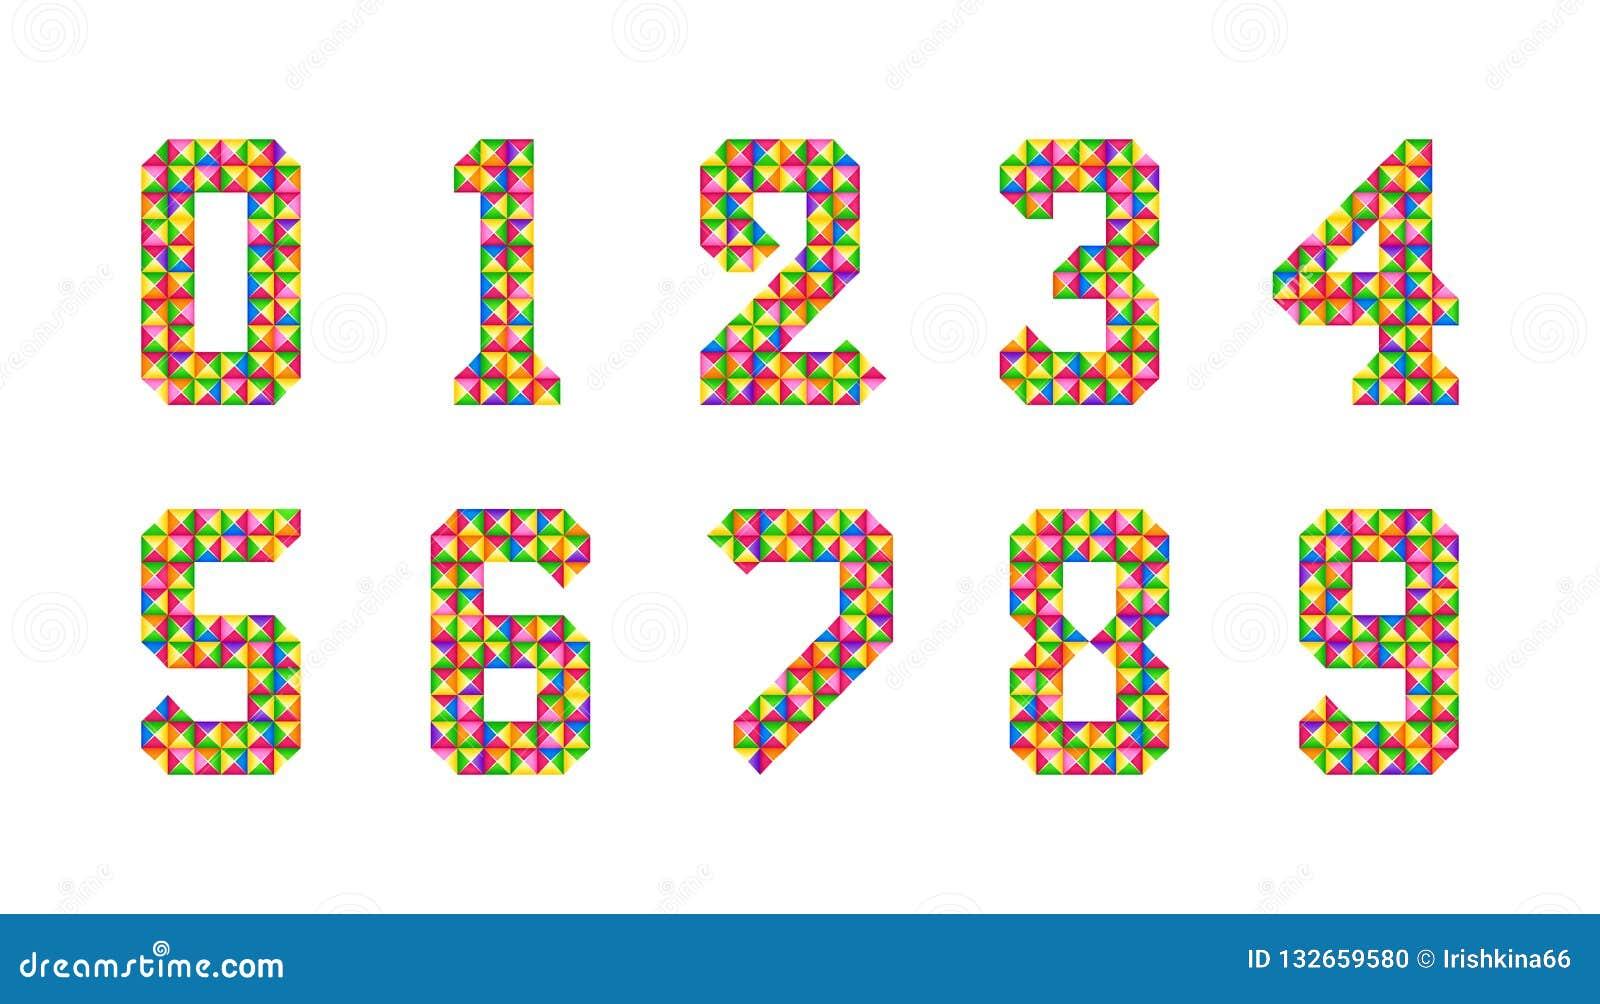 Τα κινούμενα σχέδια απομόνωσαν τους αριθμούς κεραμιδιών καθορισμένους Διανυσματικό σύνολο 1-9 εικονιδίων μωρών ψηφίων Ζωηρόχρωμο